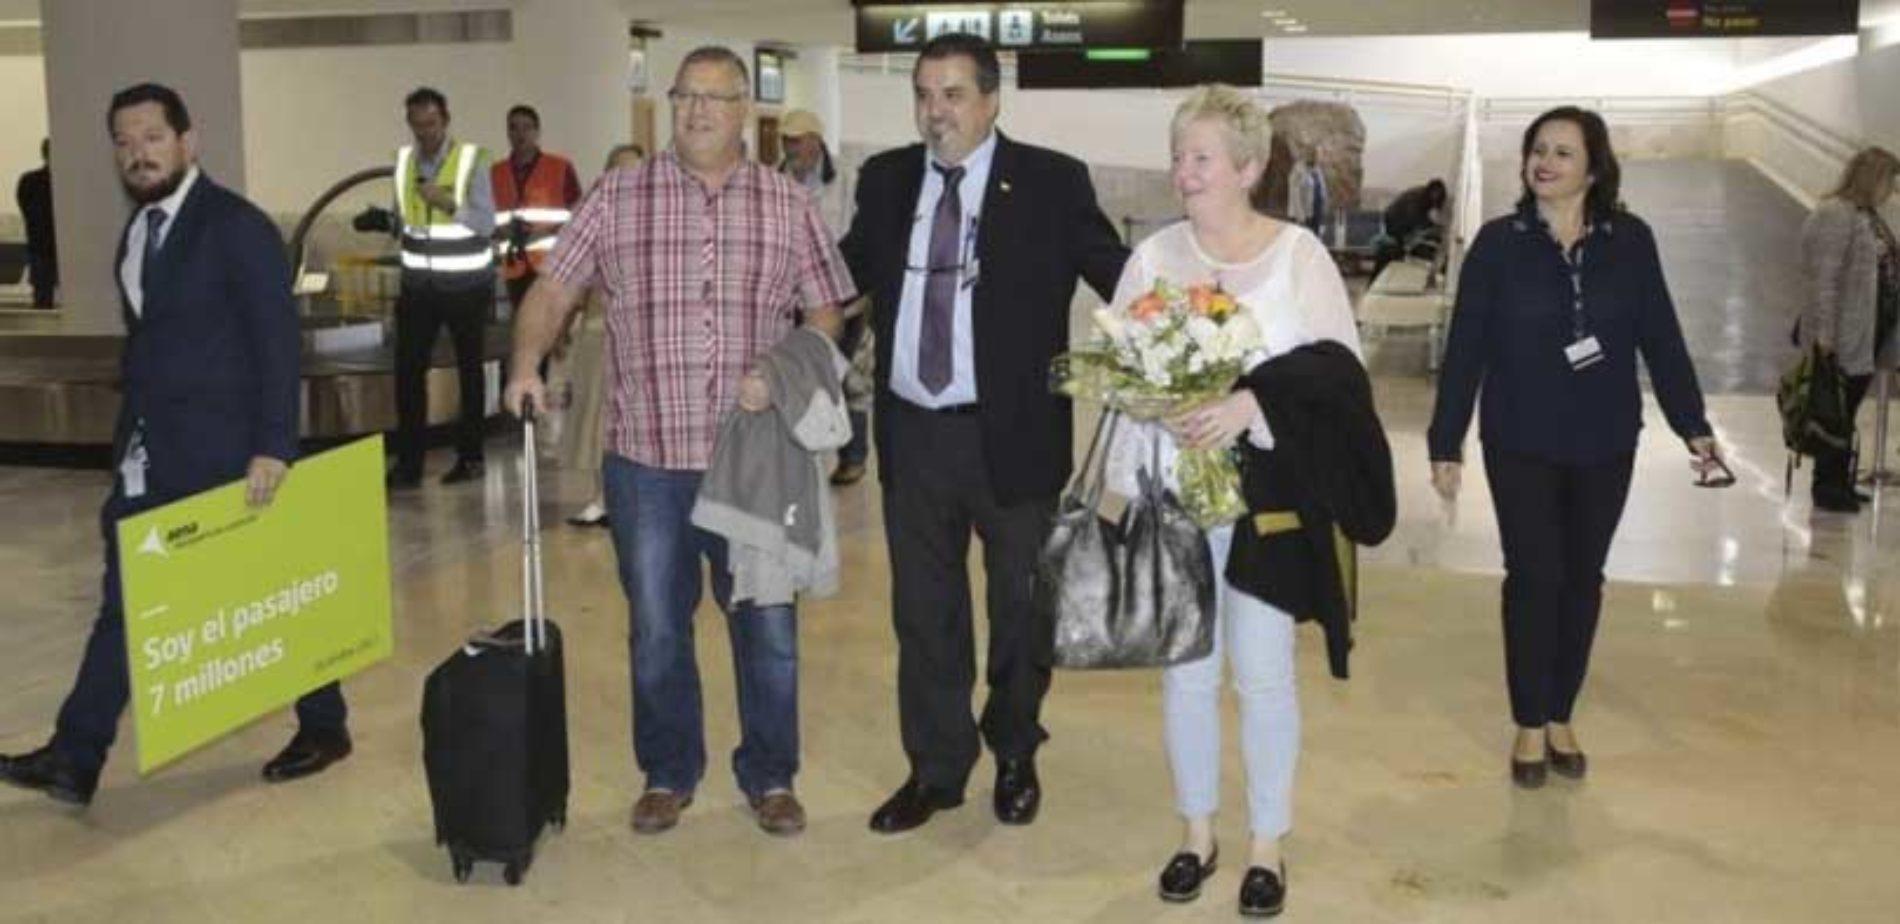 Lanzarote mer og mer avhengig av britisk turisme